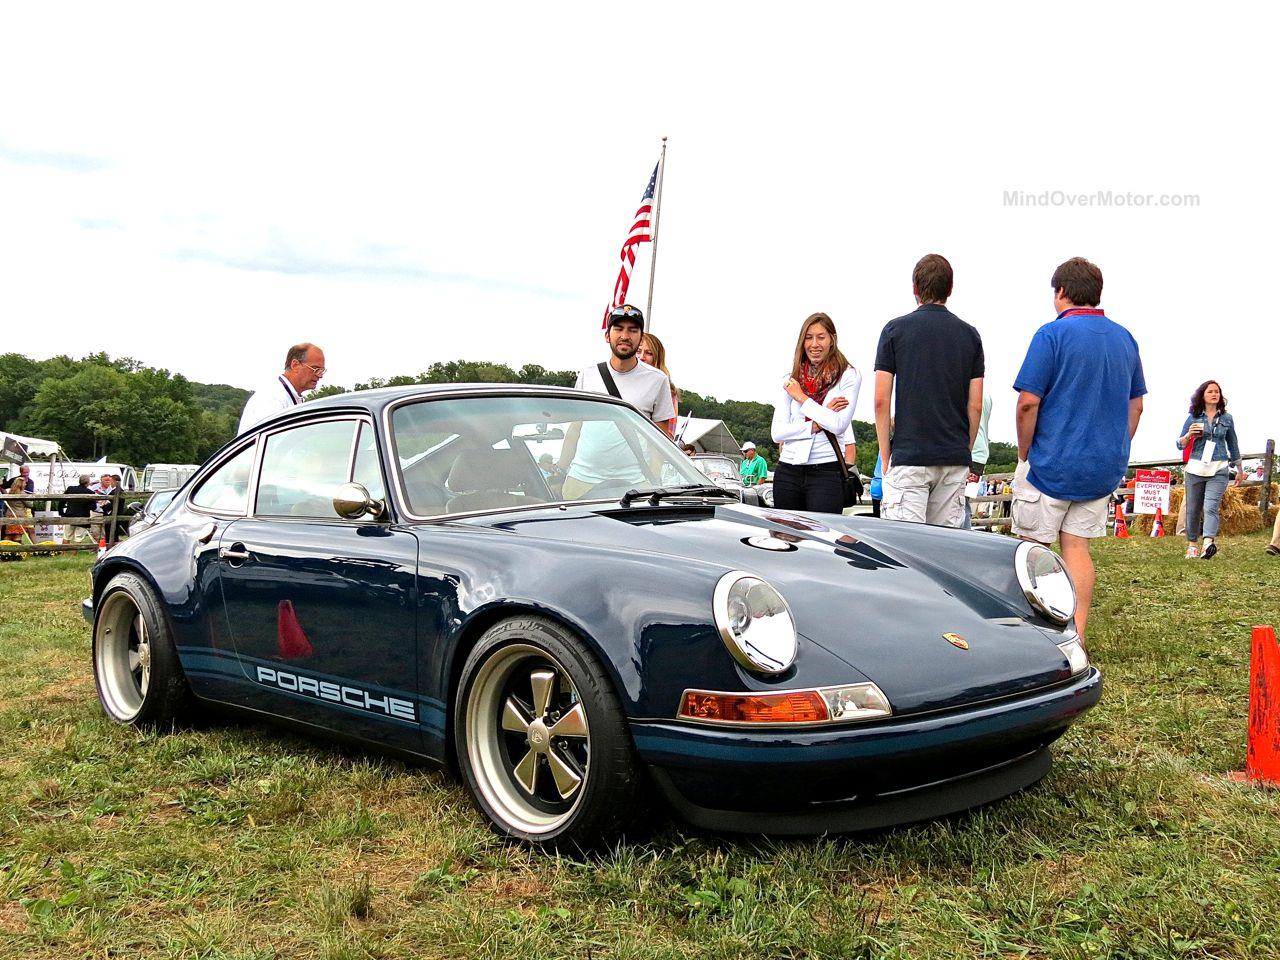 Singer Porsche 911 Radnor Hunt 1